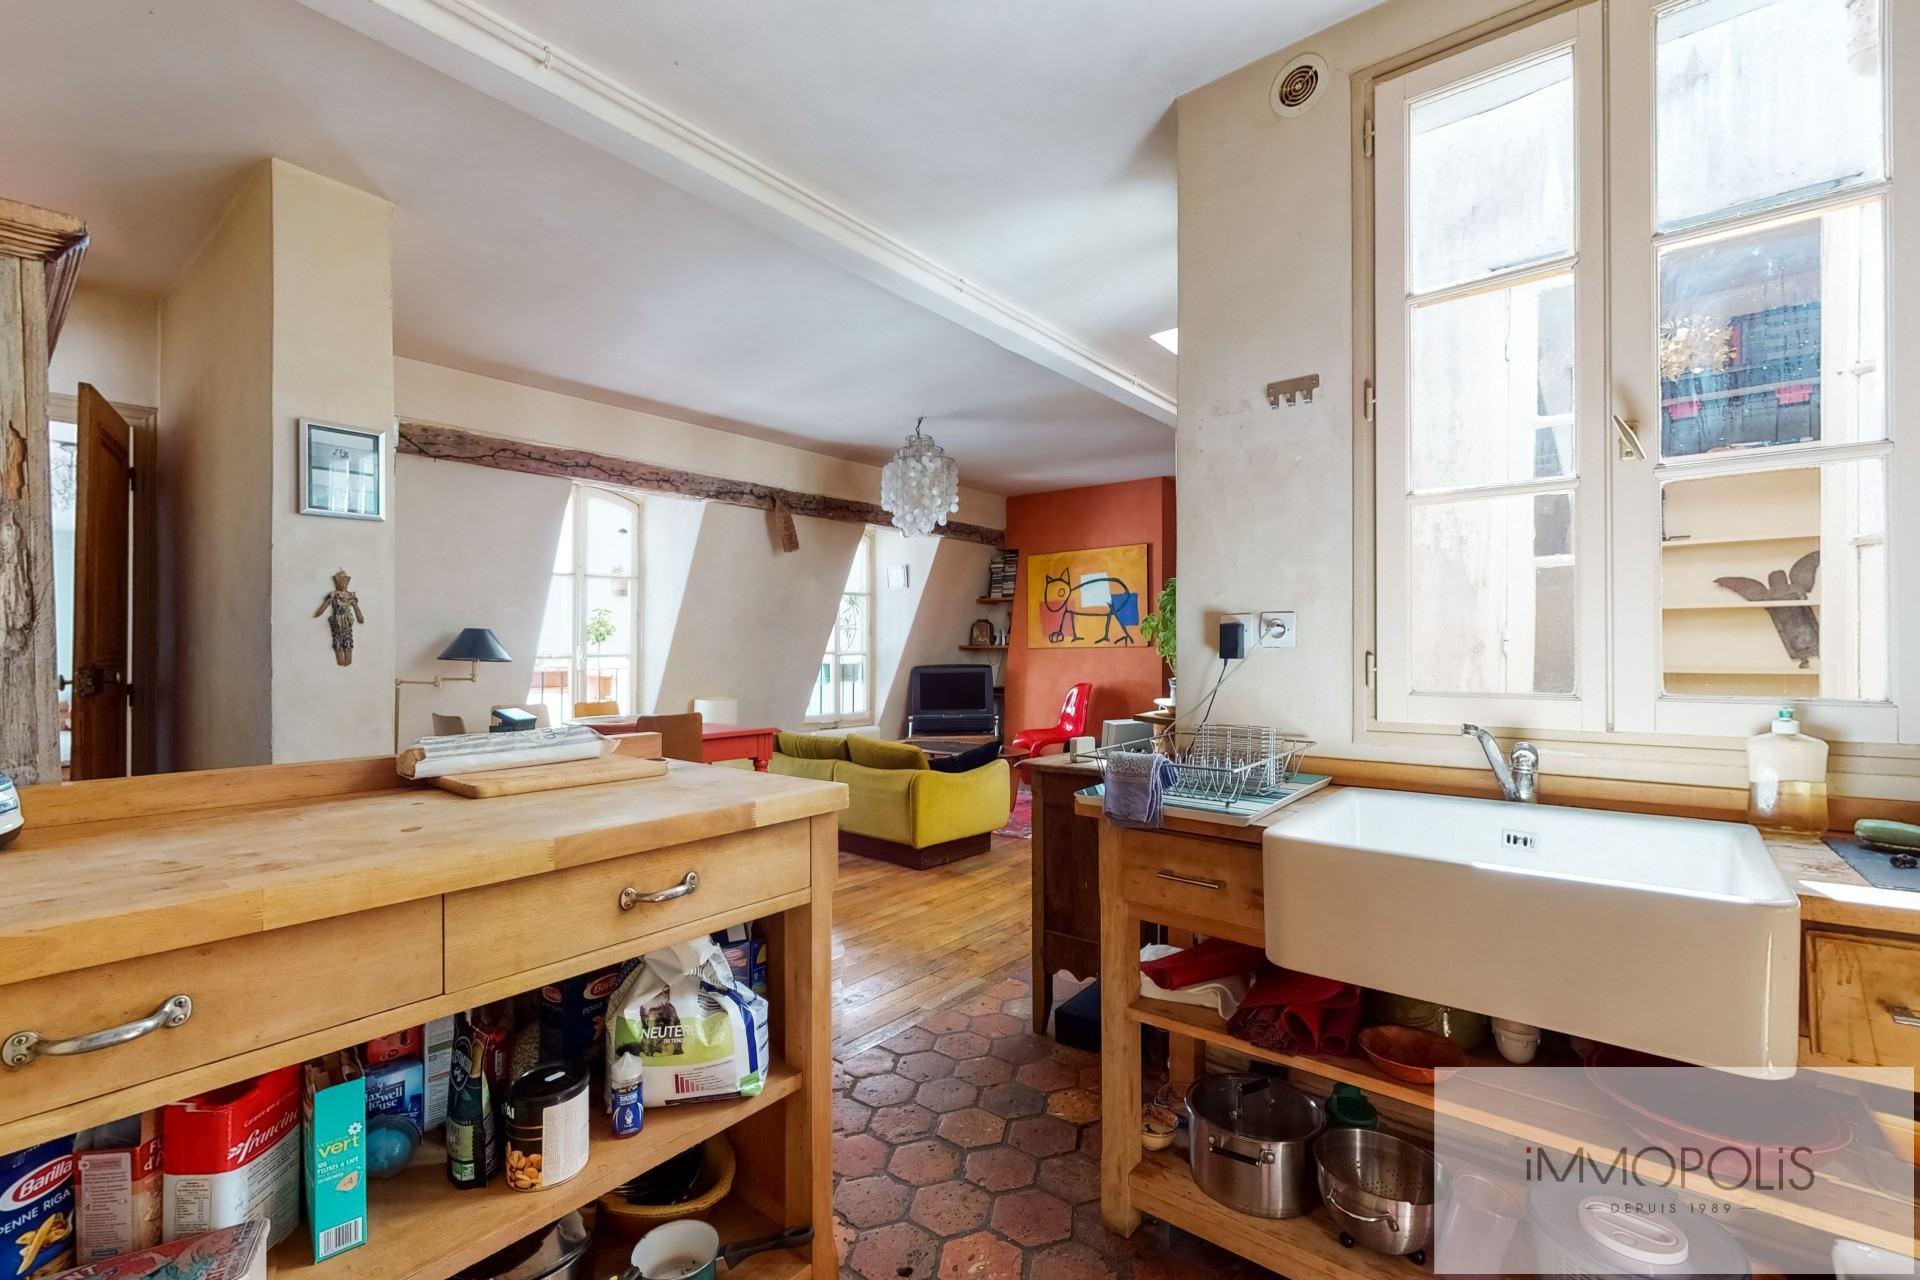 Appartement atypique à rénover, plein de charme, Rue Richard Lenoir – Paris XIème. 1